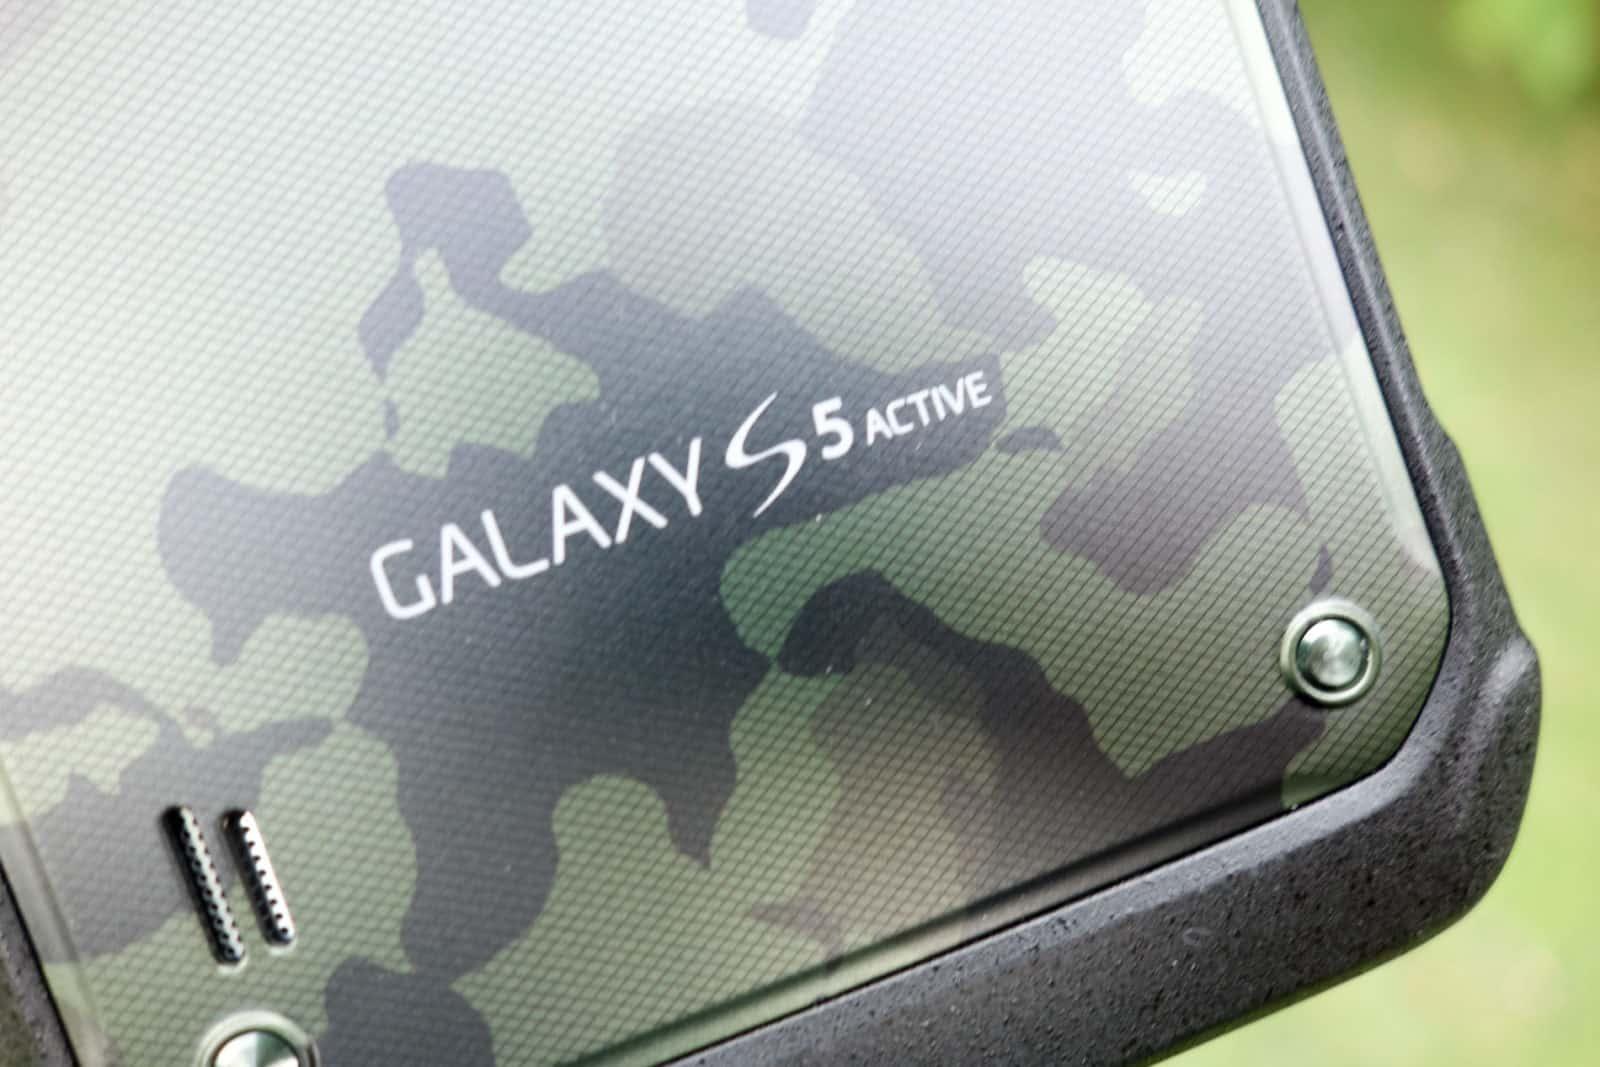 Samsung-Galaxy-S5-Active-AH-8